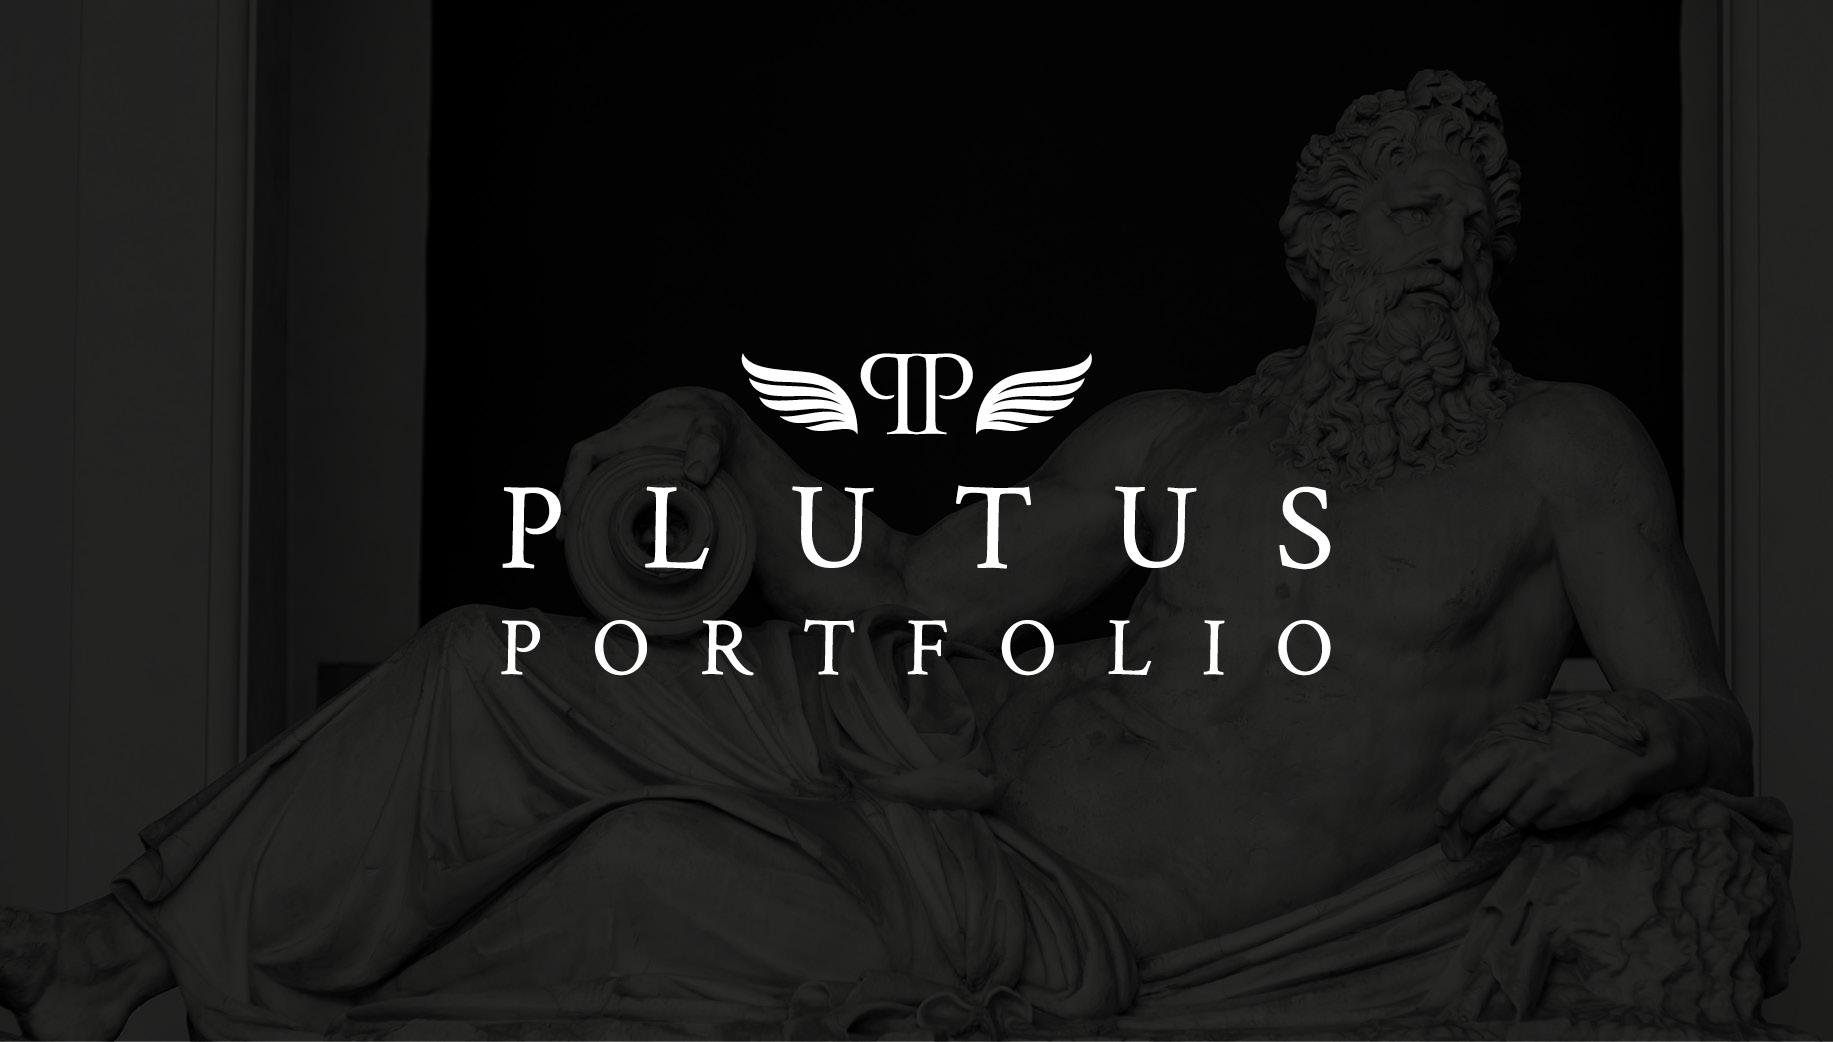 Plutus Portfolio logo